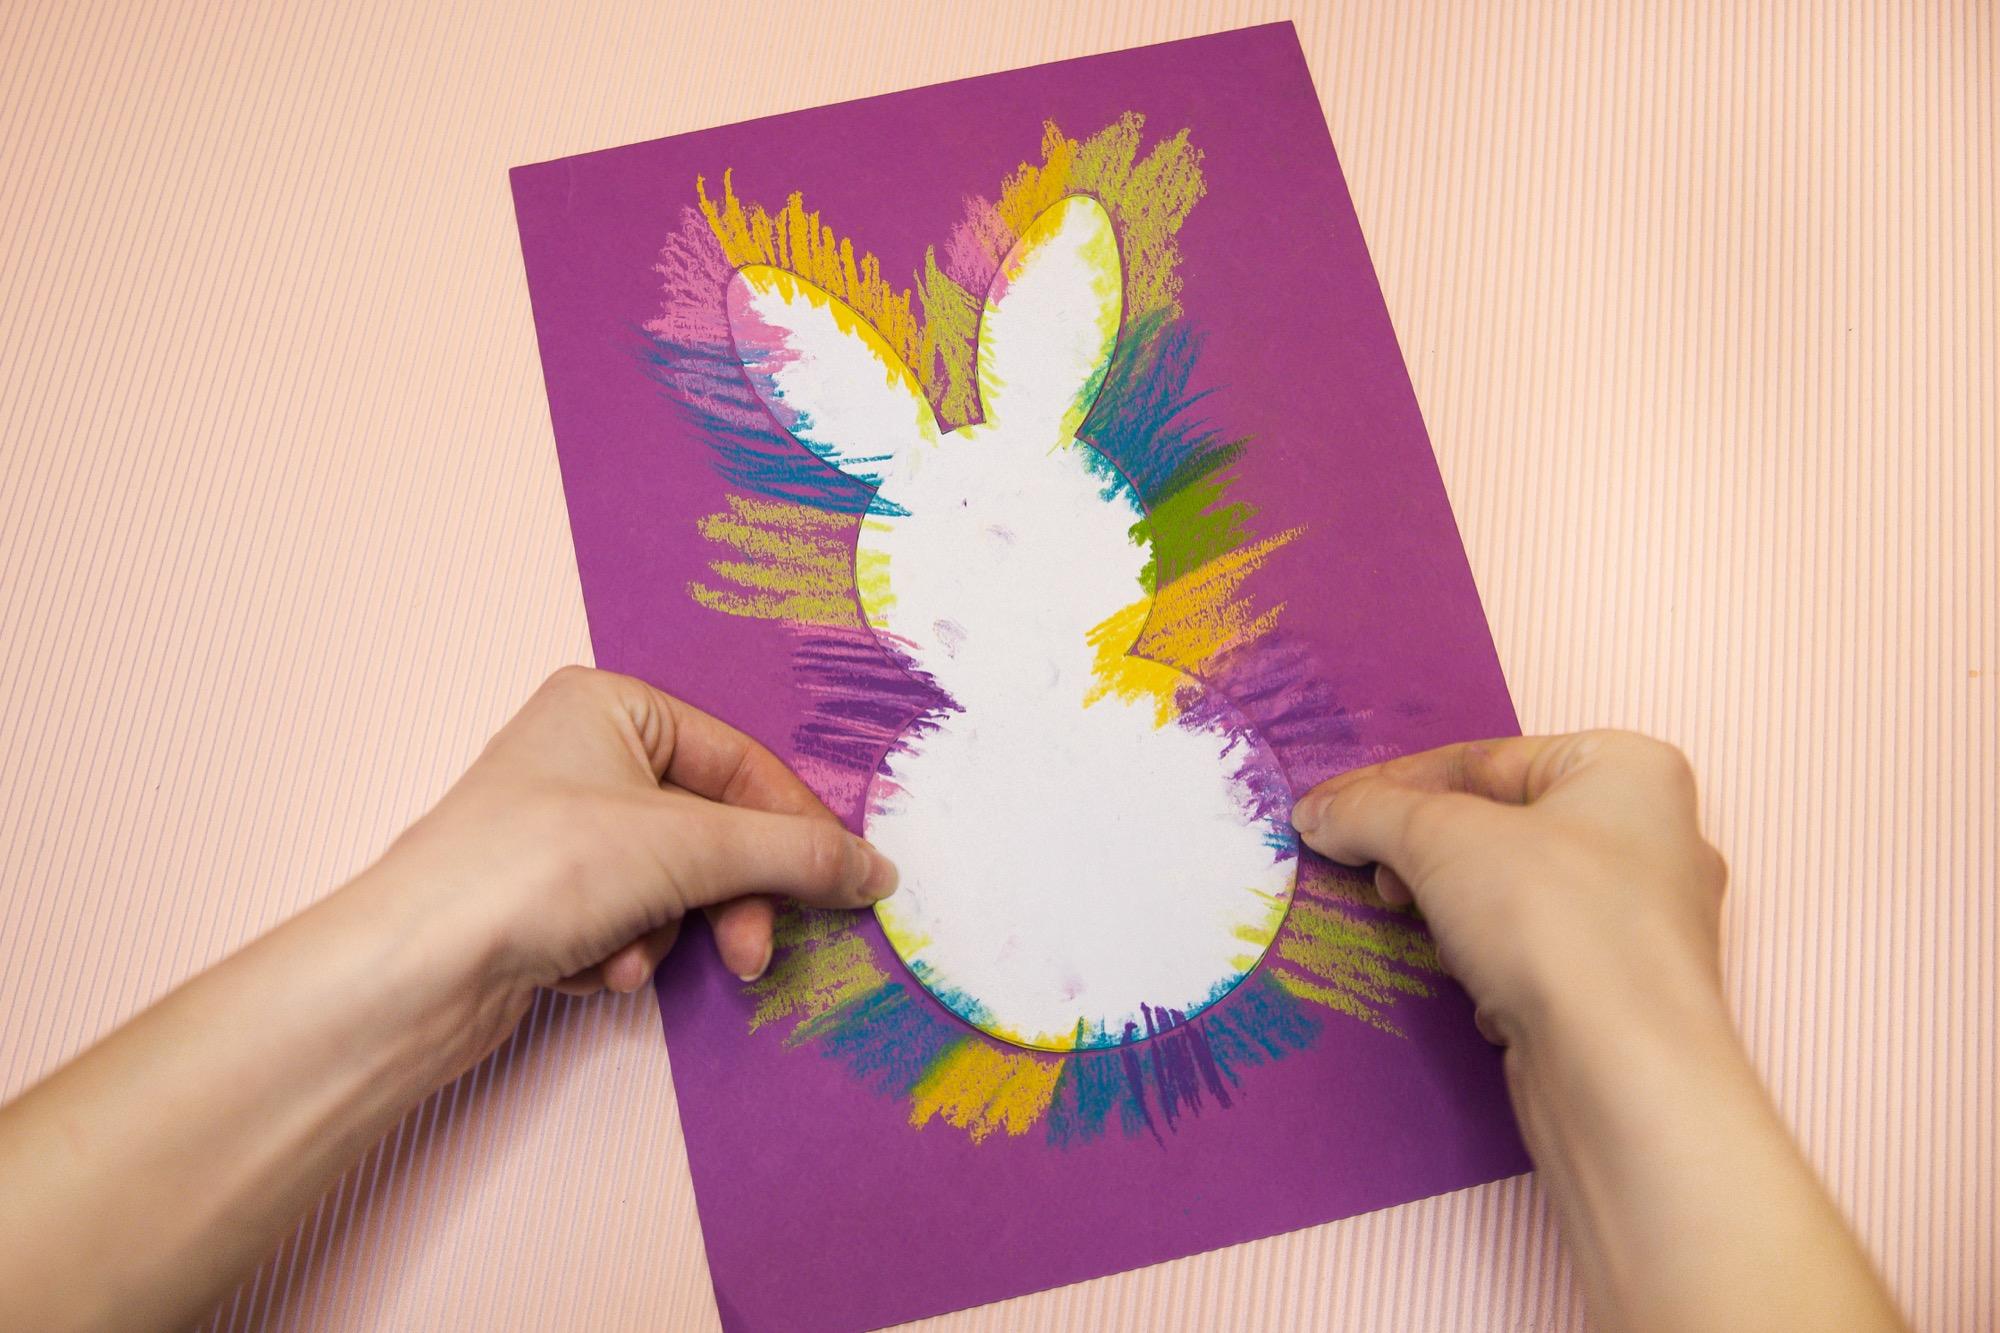 Mon lapin de Pâques au pastel